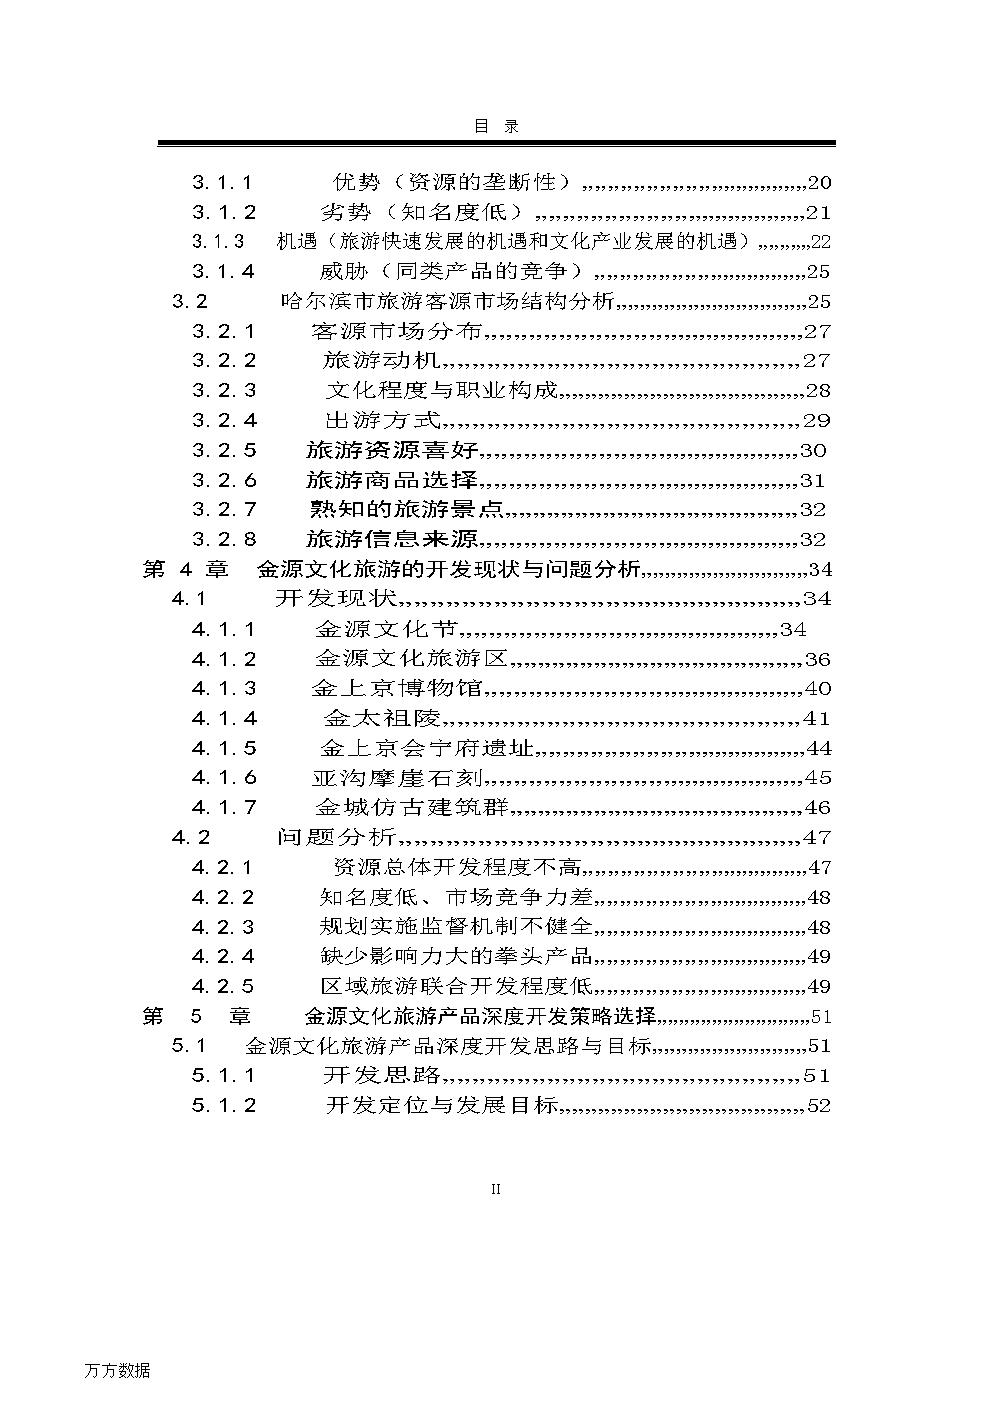 金源文化旅游产品深度开发策略研究-人文地理学专业论文.docx